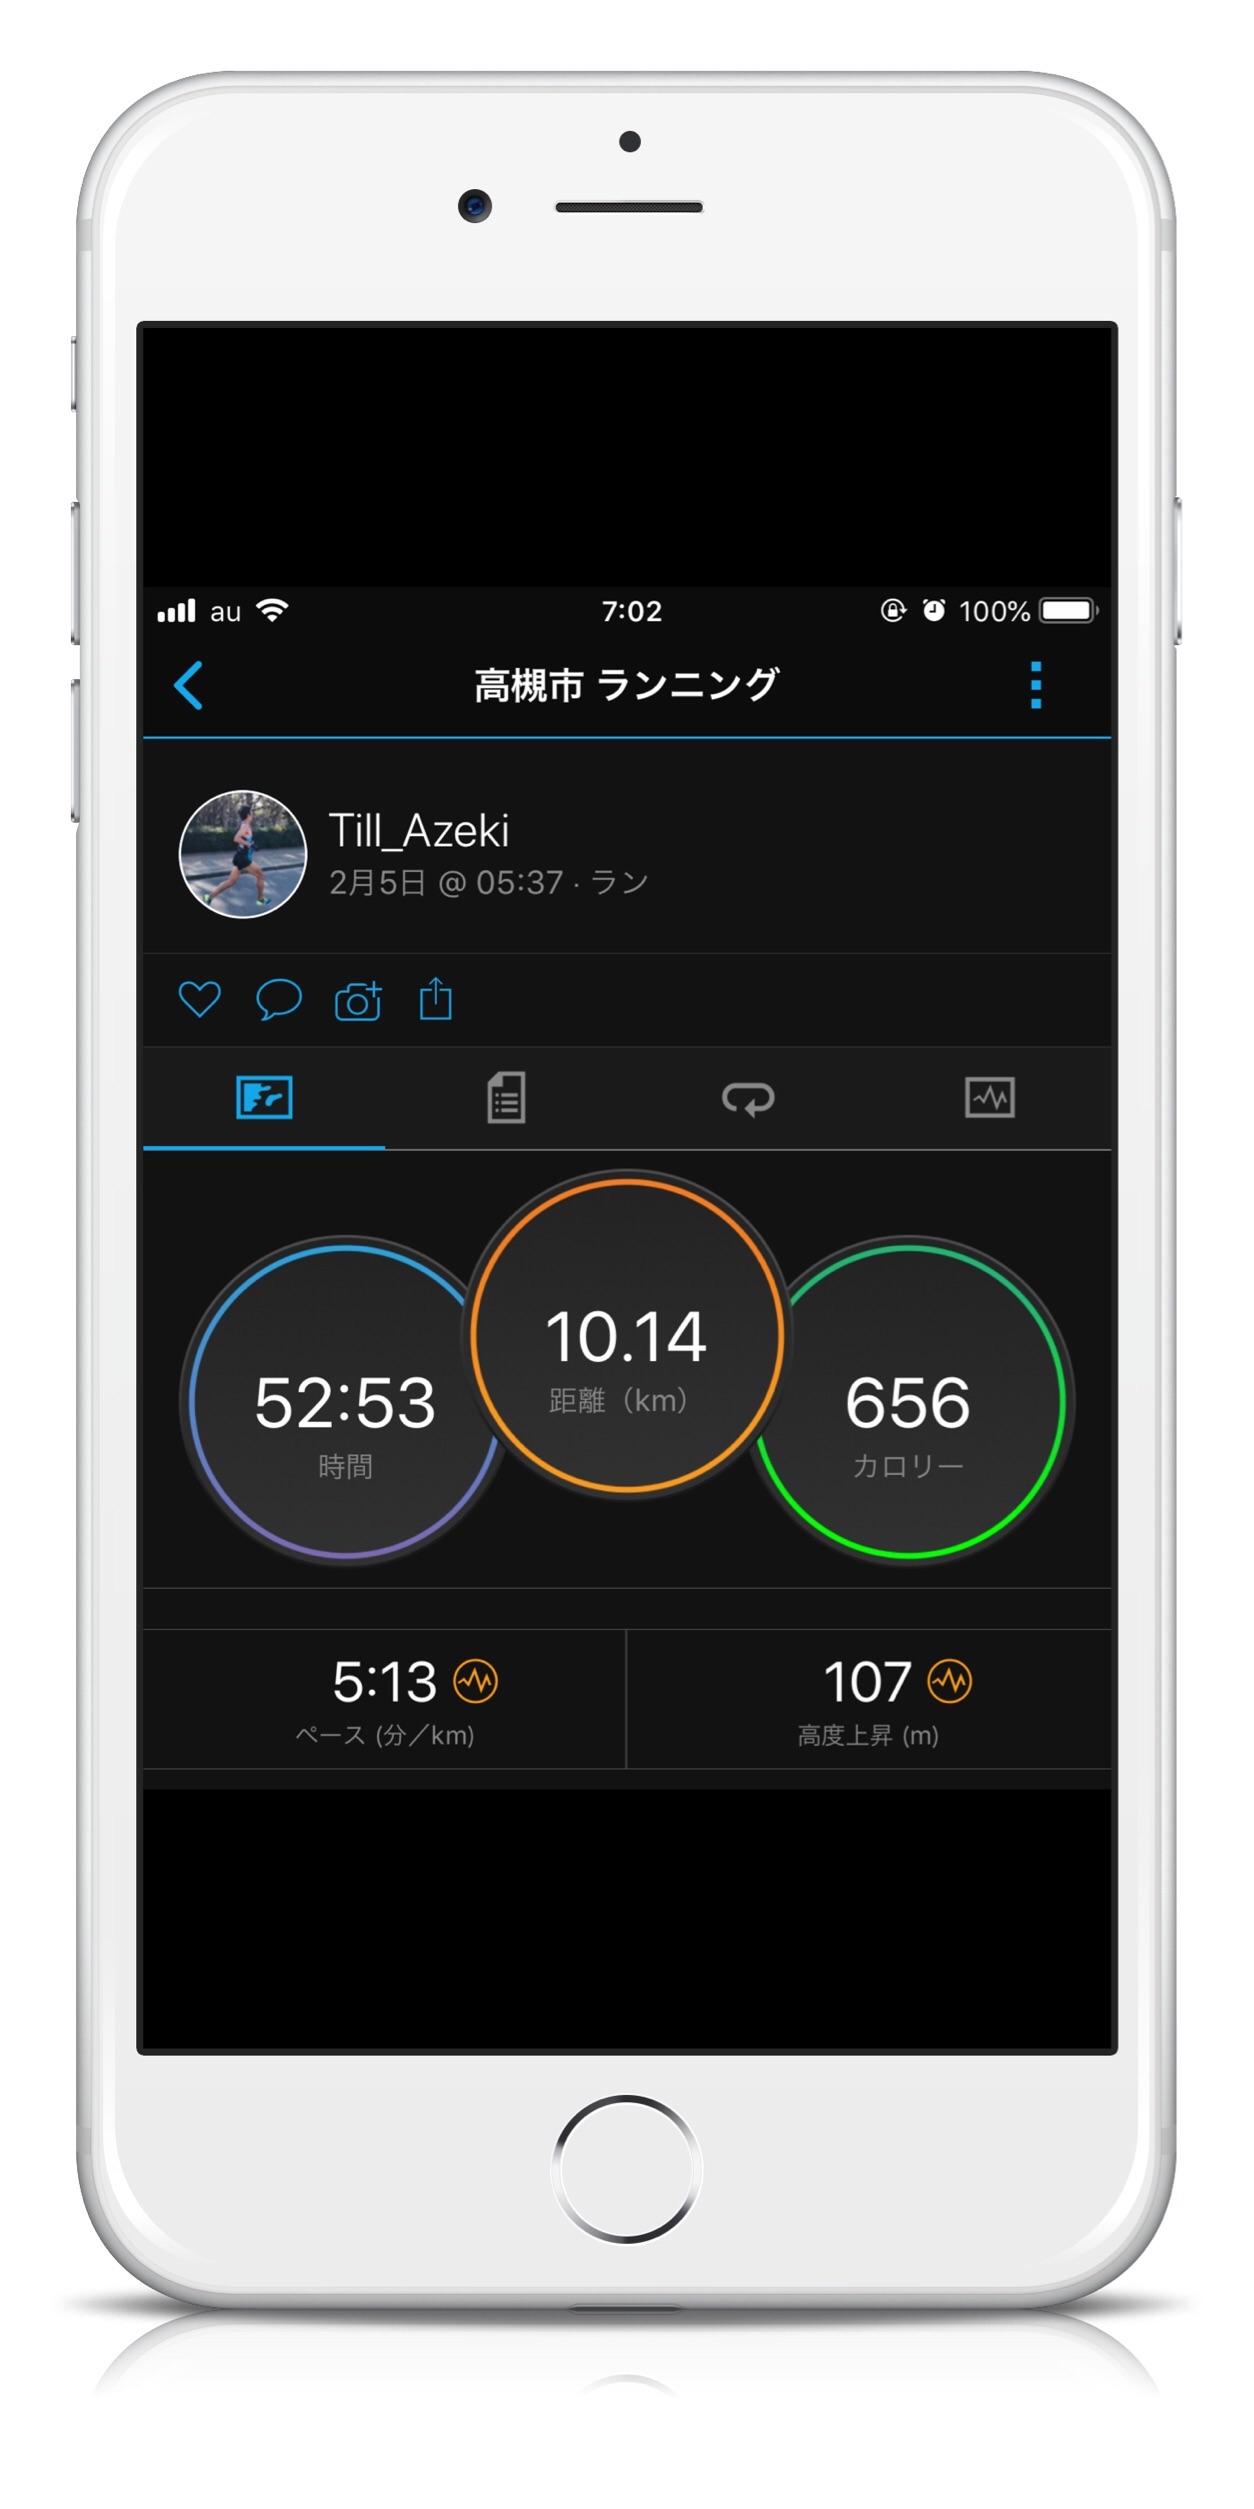 f:id:Till_Azeki:20190205201804j:image